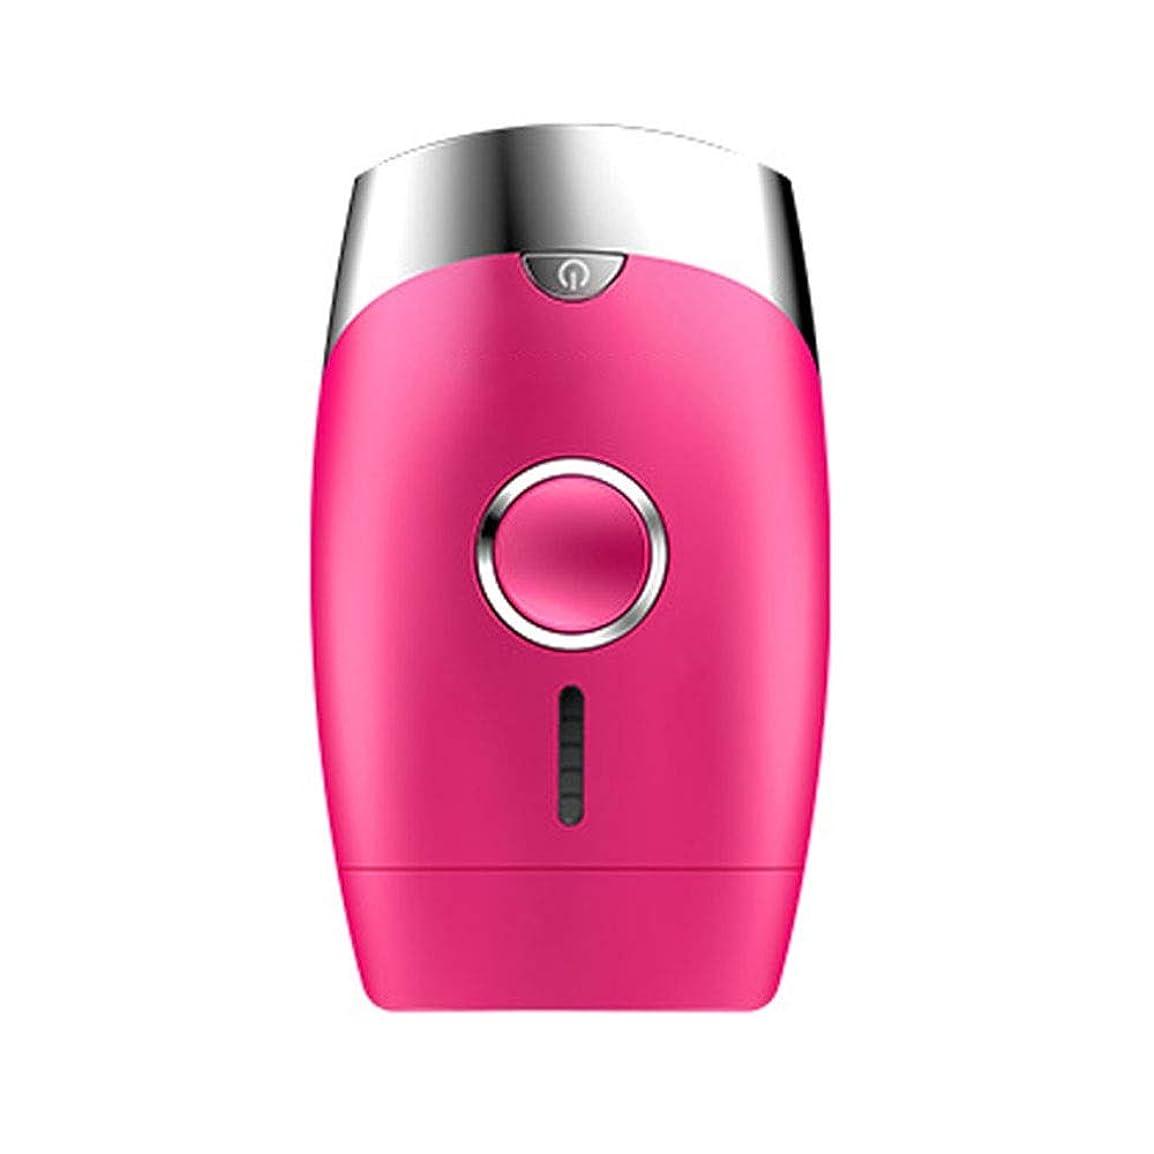 維持する従事した食器棚Xihouxian ピンク、5スピード調整、インテリジェント家庭用痛みのない凝固点ヘアリムーバー、シングルフラッシュ/連続フラッシュ、サイズ13.9 X 8.3 X 4.8 Cm D40 (Color : Pink)